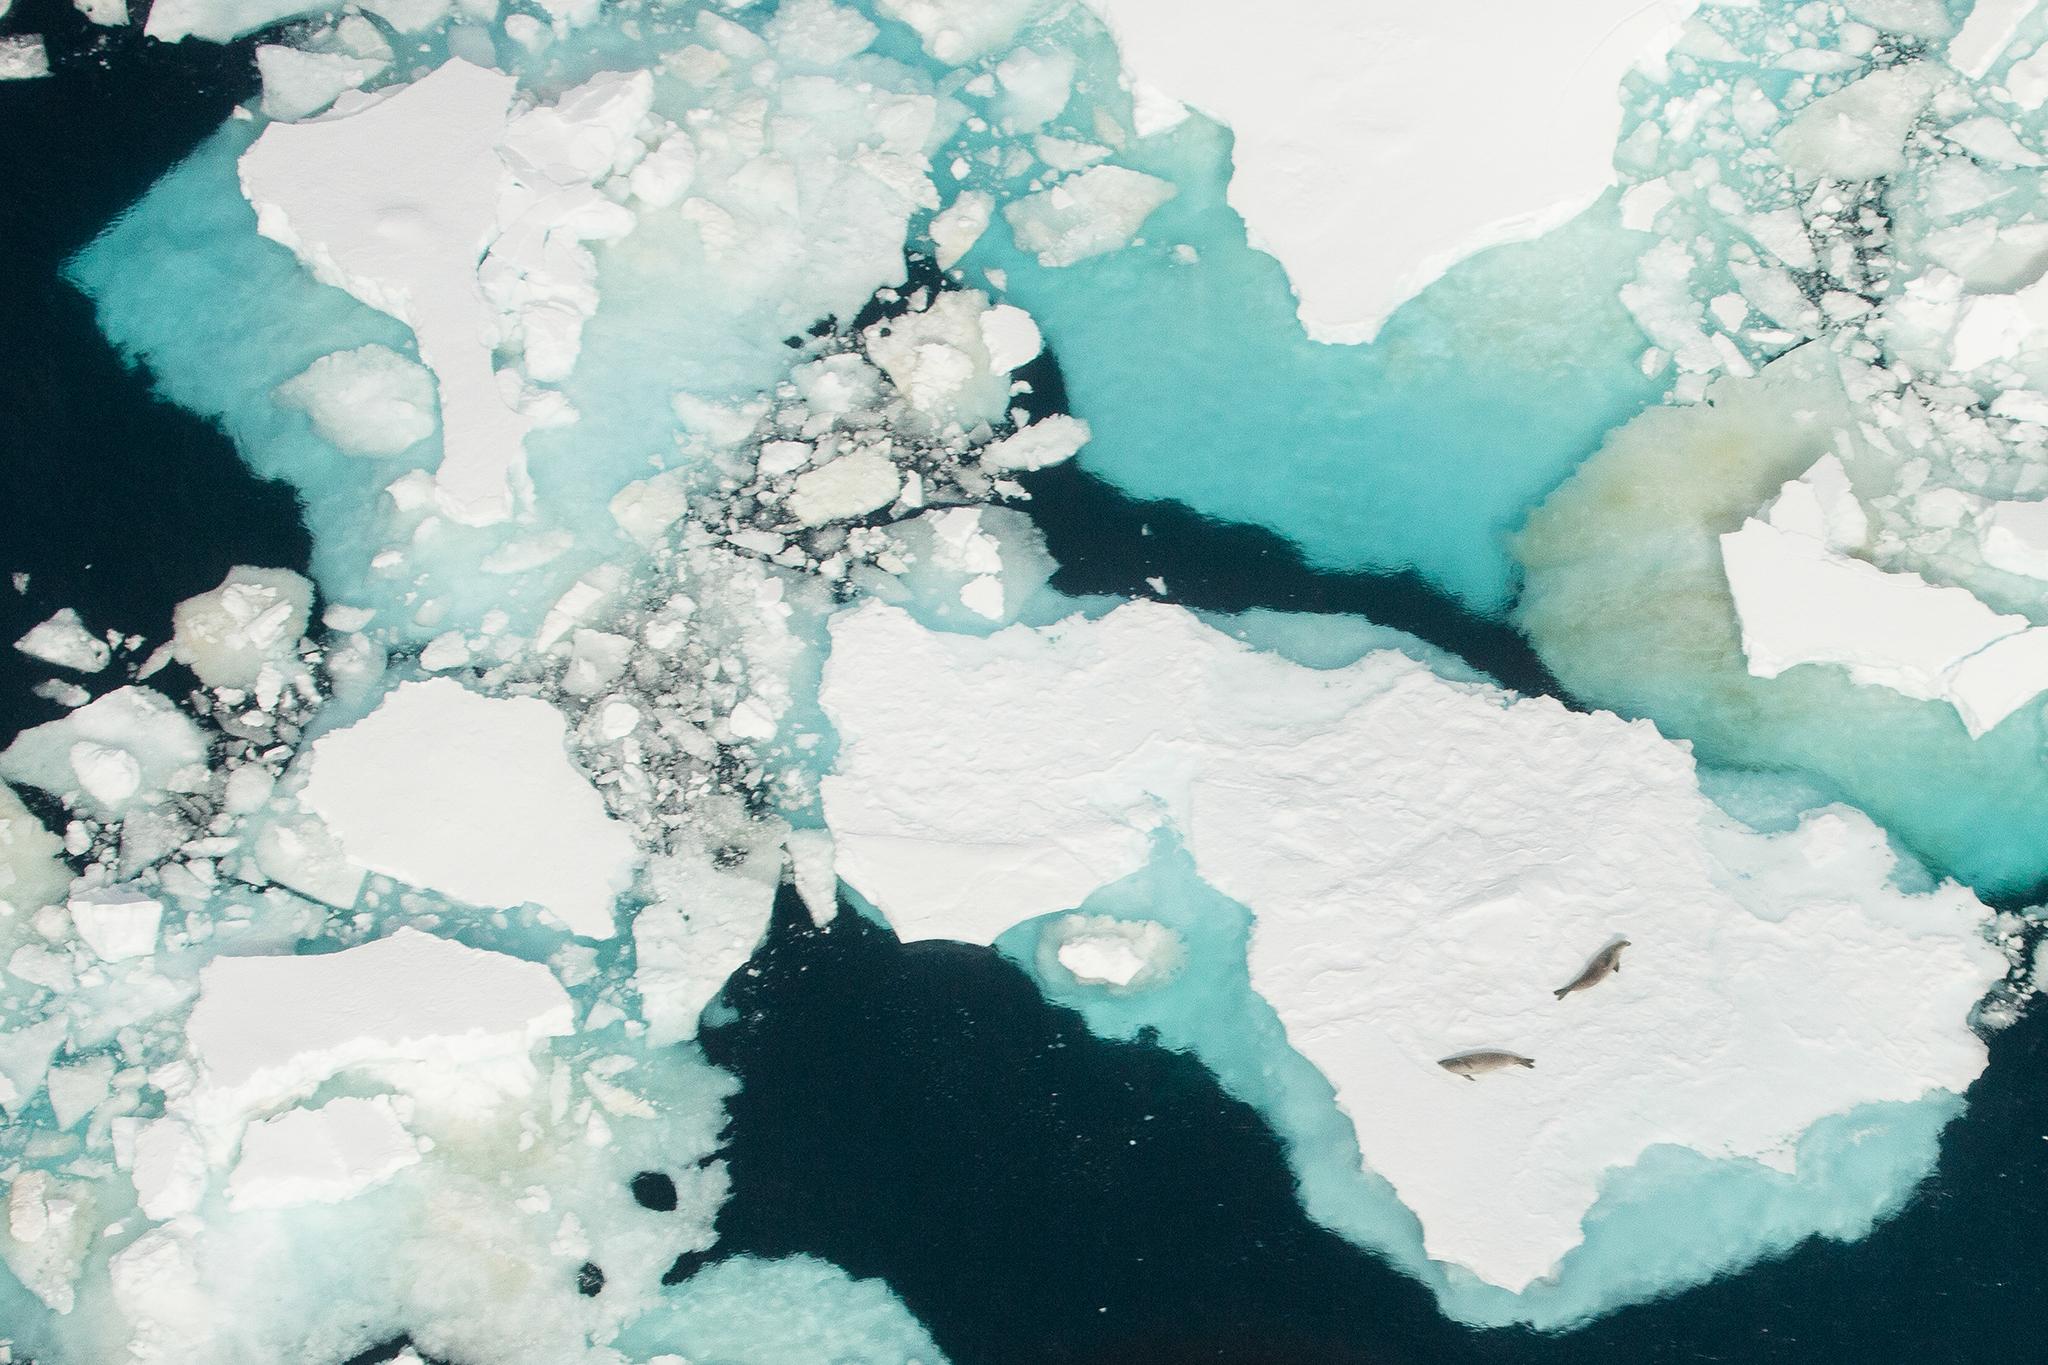 009-TW-Antarctica-140105.jpg